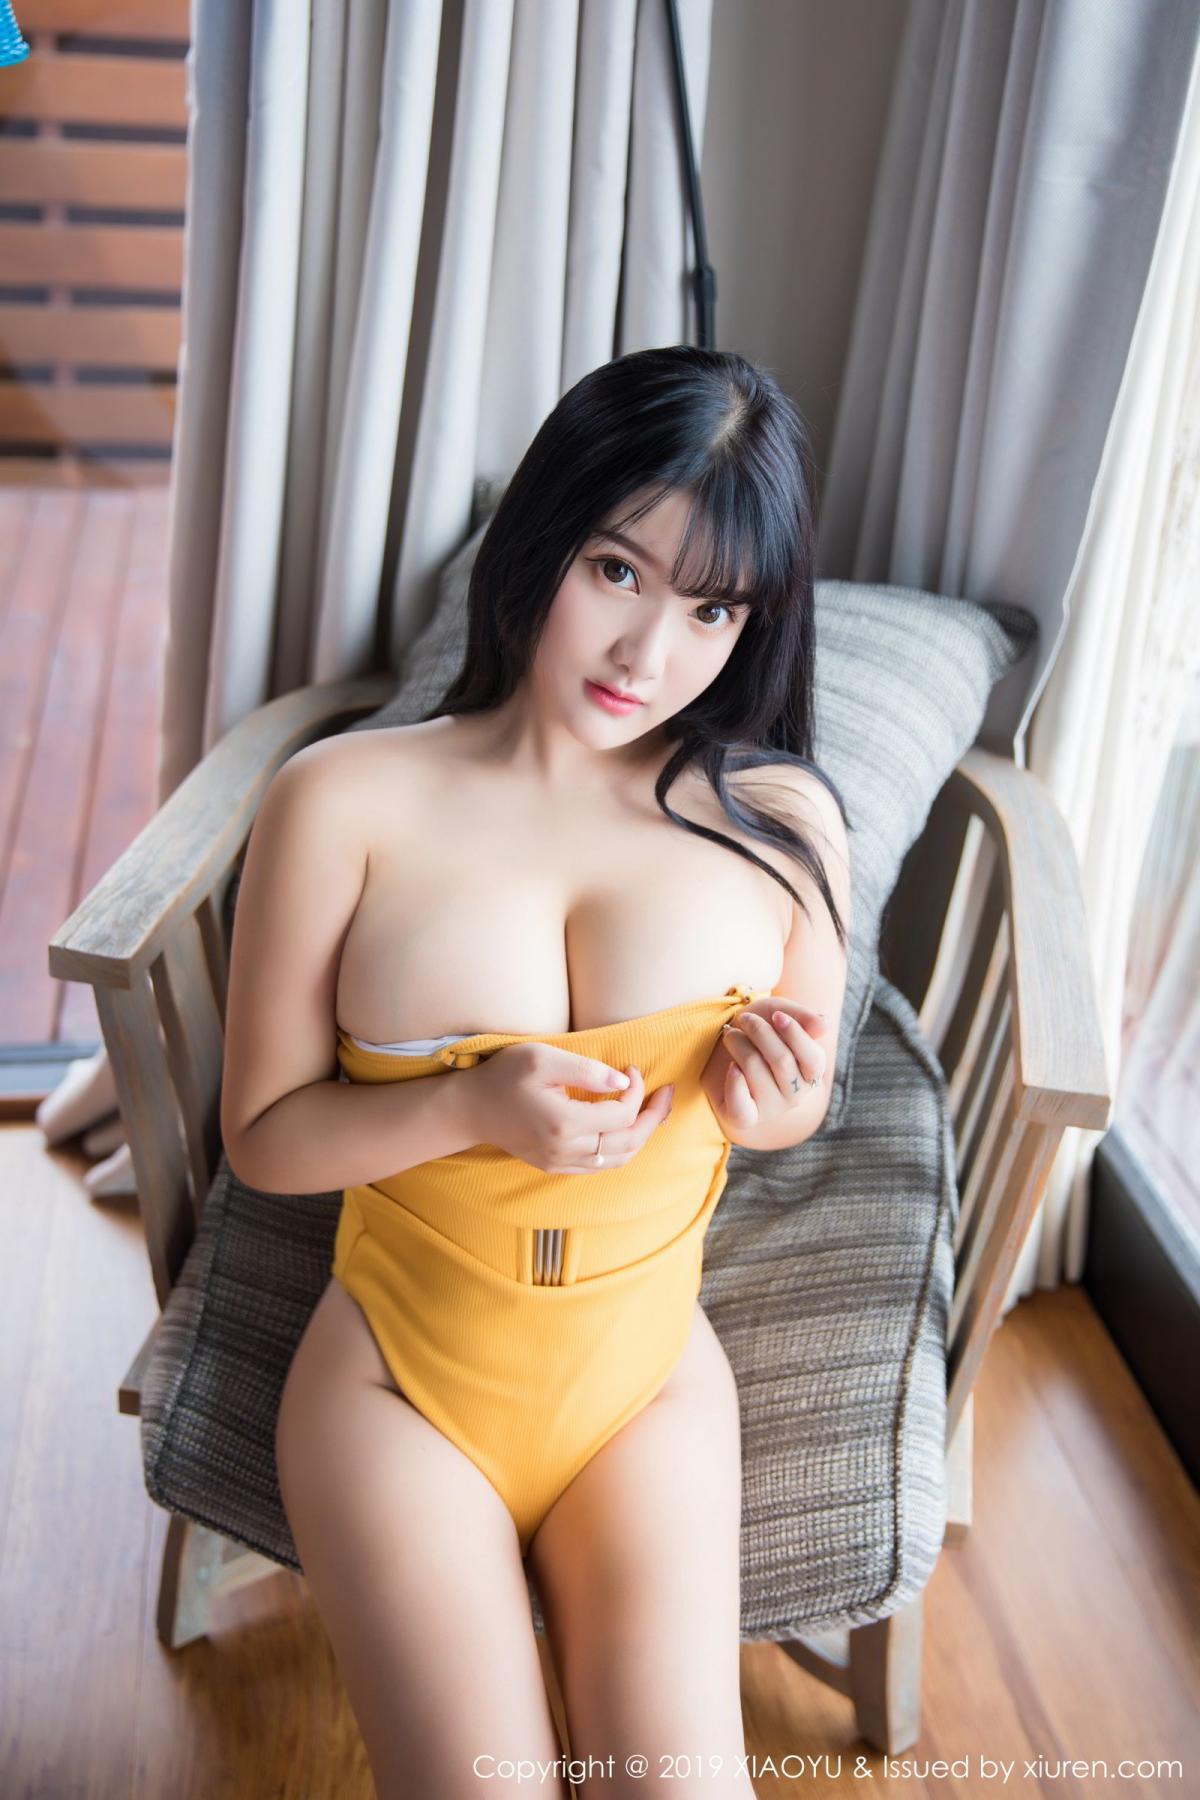 [XiaoYu] Vol.111 Lu Lu Xiao Miao 7P, Cute, Lu Lu Xiao Miao, Underwear, XiaoYu